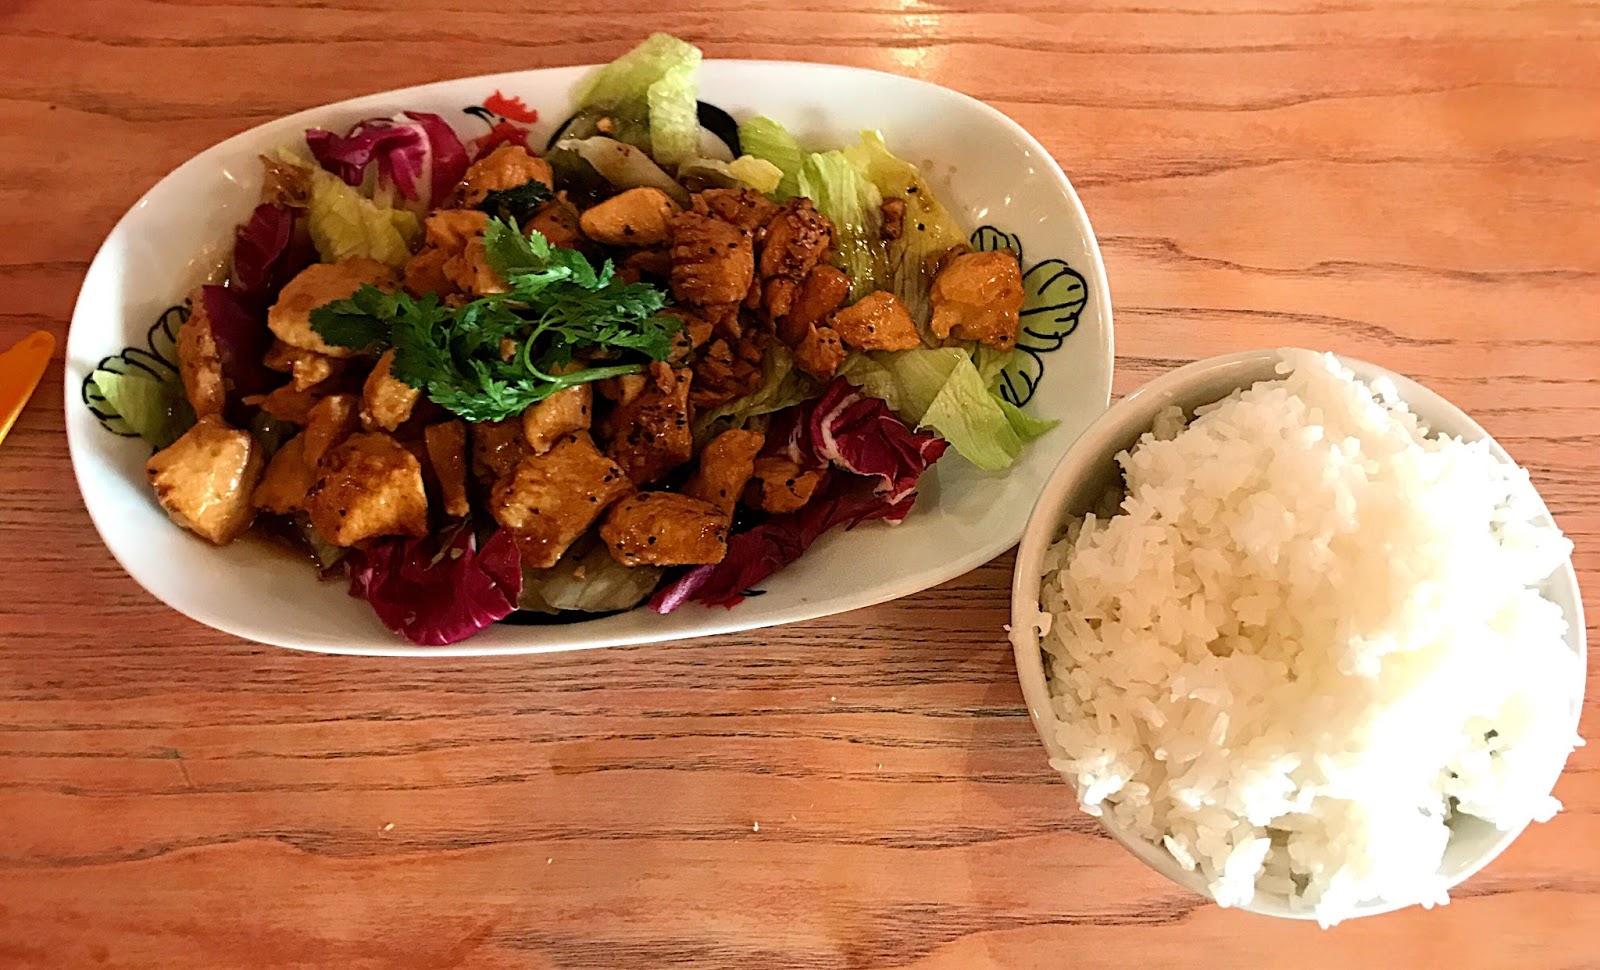 Chicken, Black Pepper and Garlic Stir fry - Thaikhun